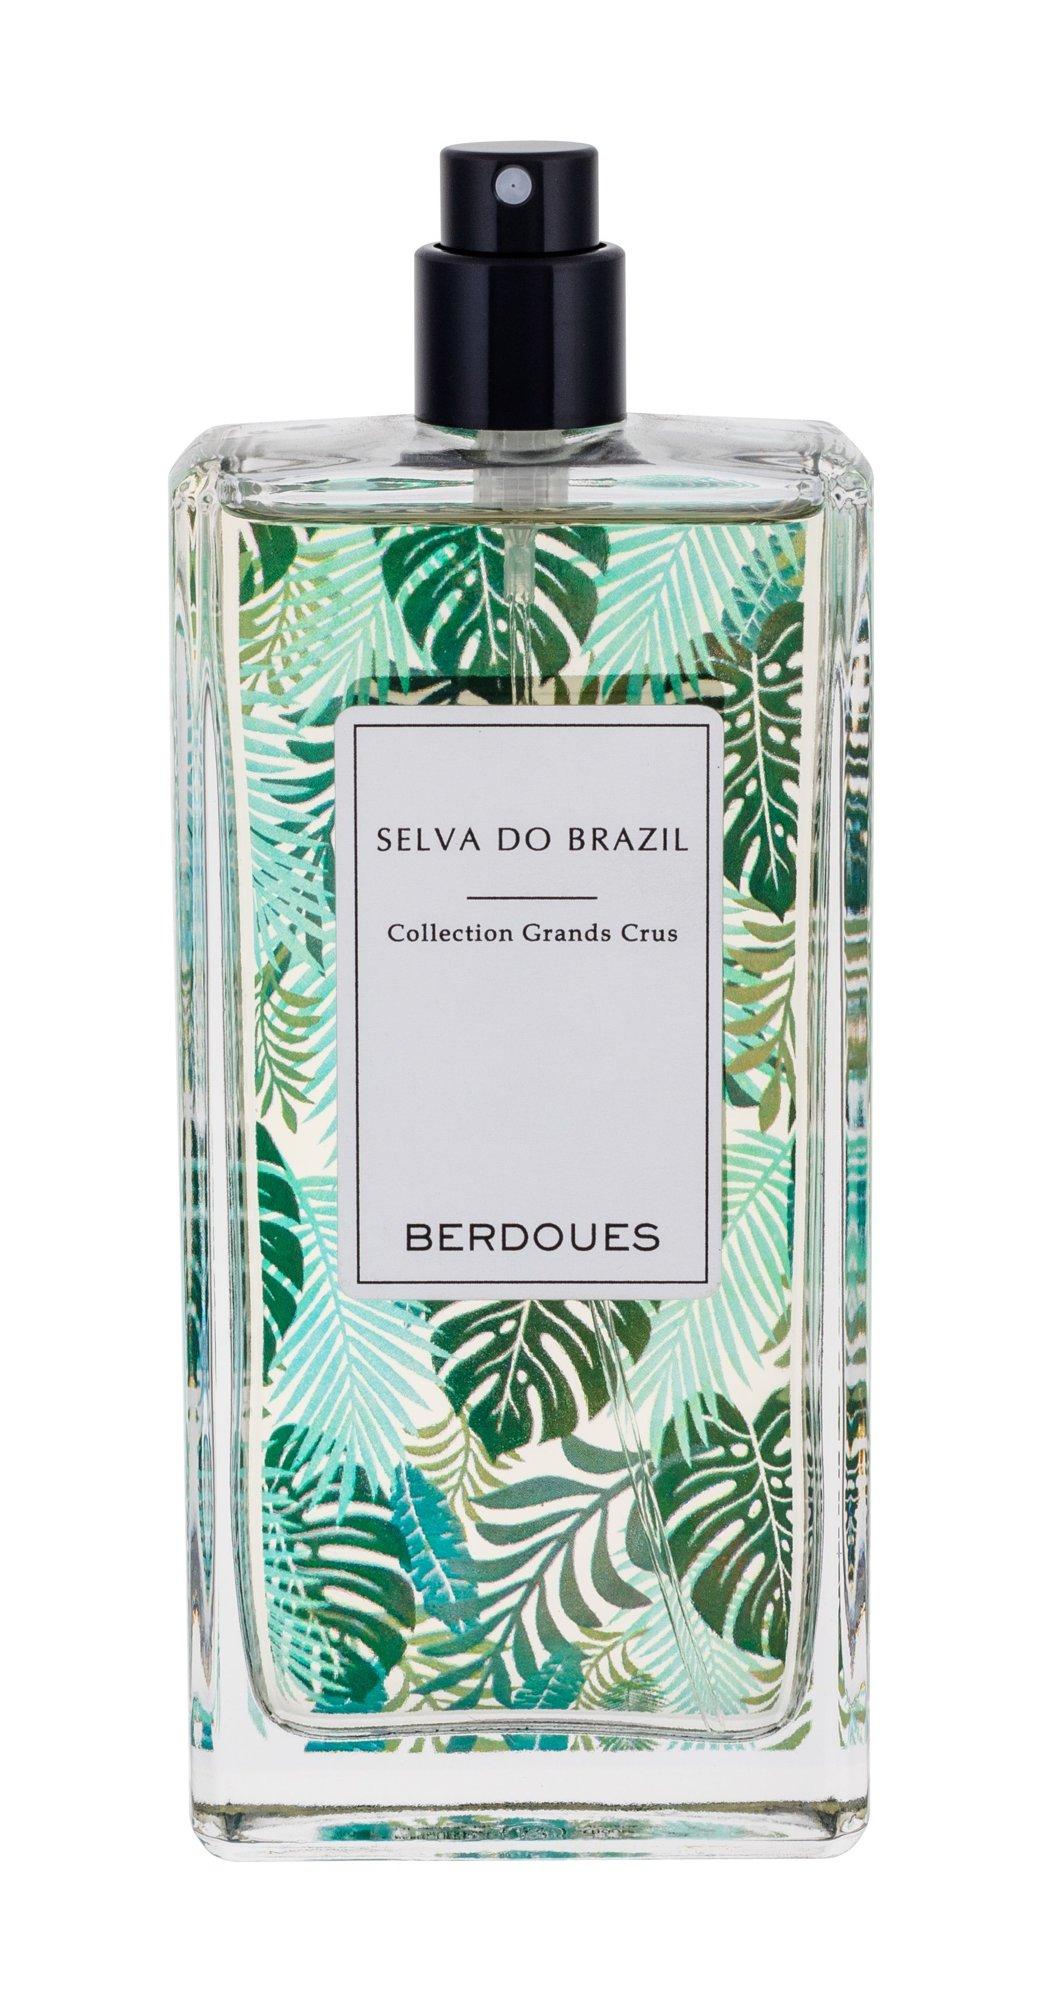 Berdoues Collection Grands Crus Eau de Parfum 100ml